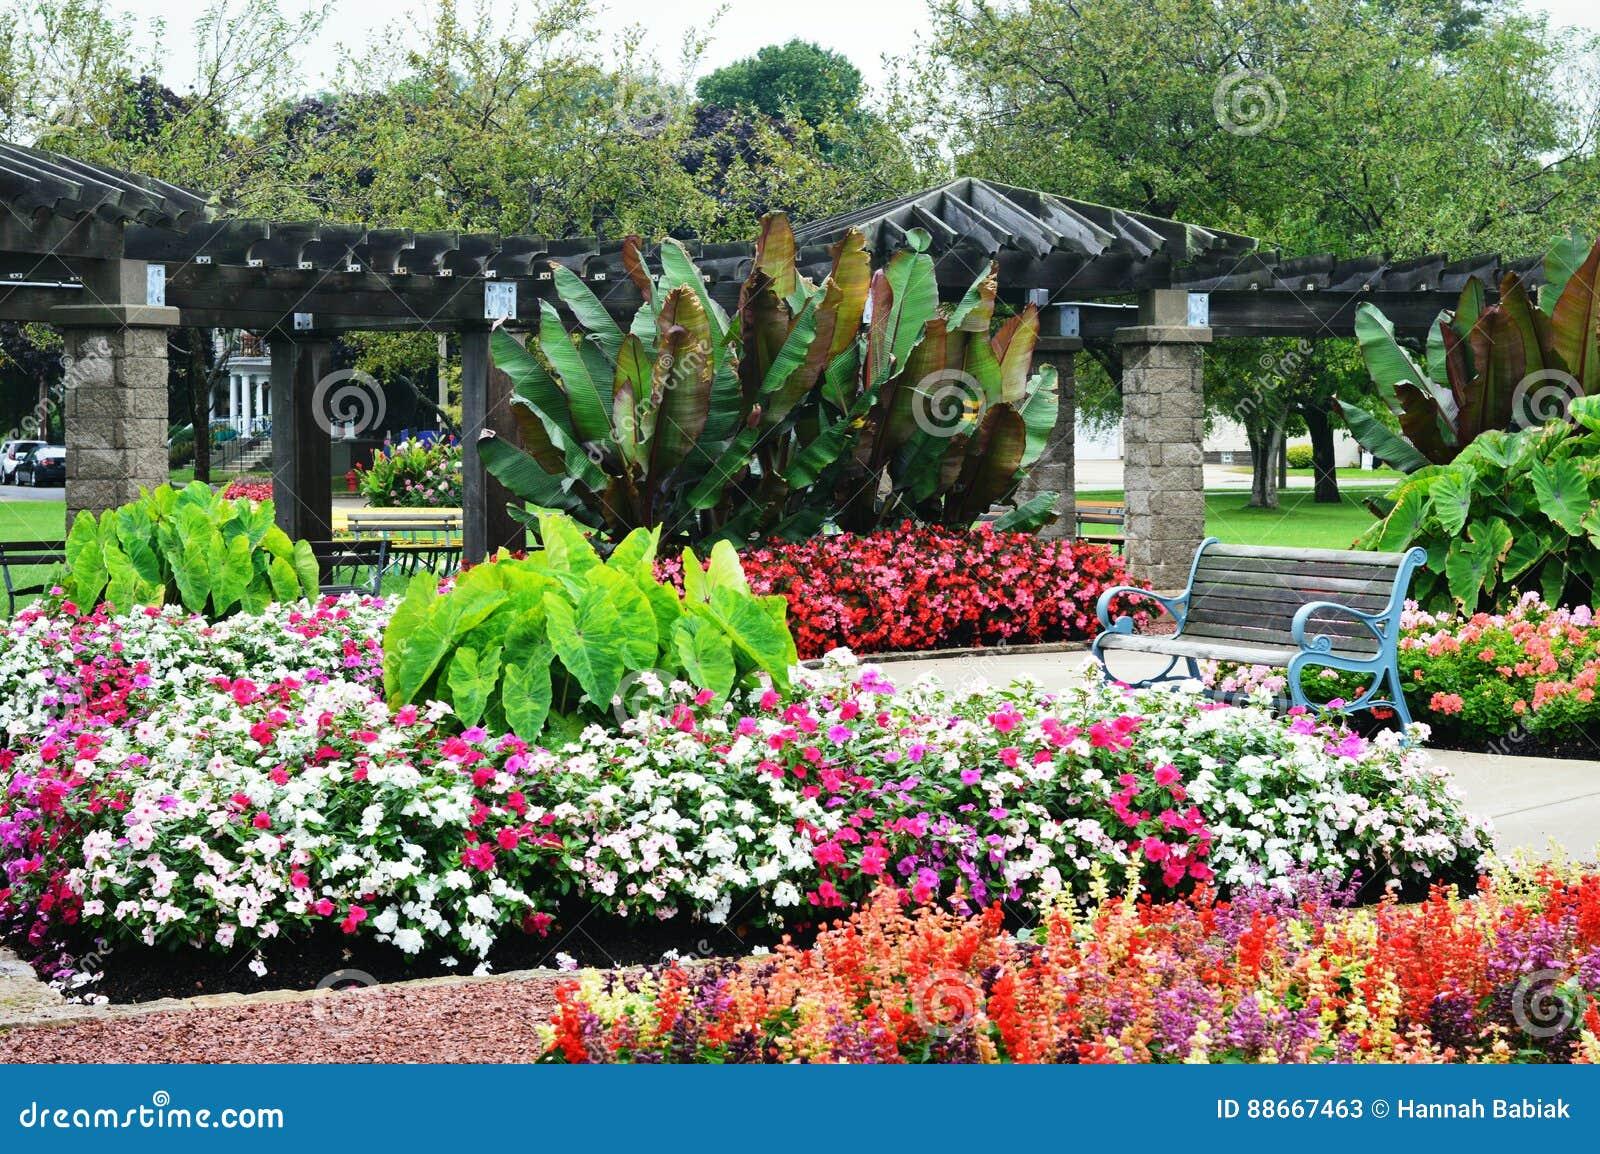 Flower Garden, Eichelman Park, Kenosha, Wisconsin